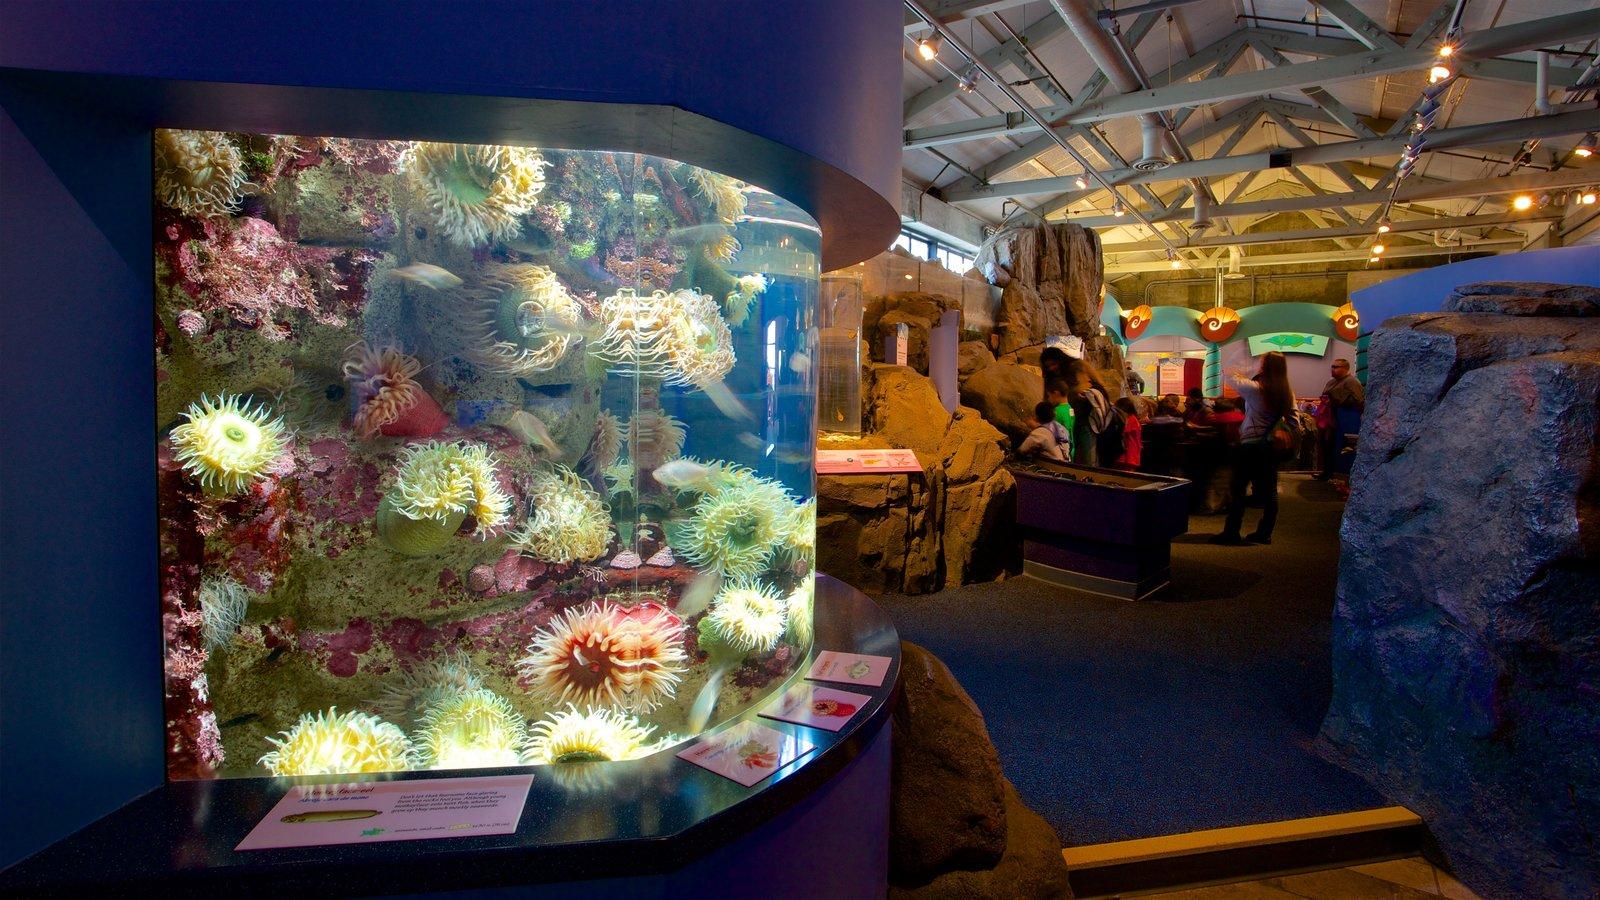 Monterey Bay Aquarium Pictures View Photos Images Of